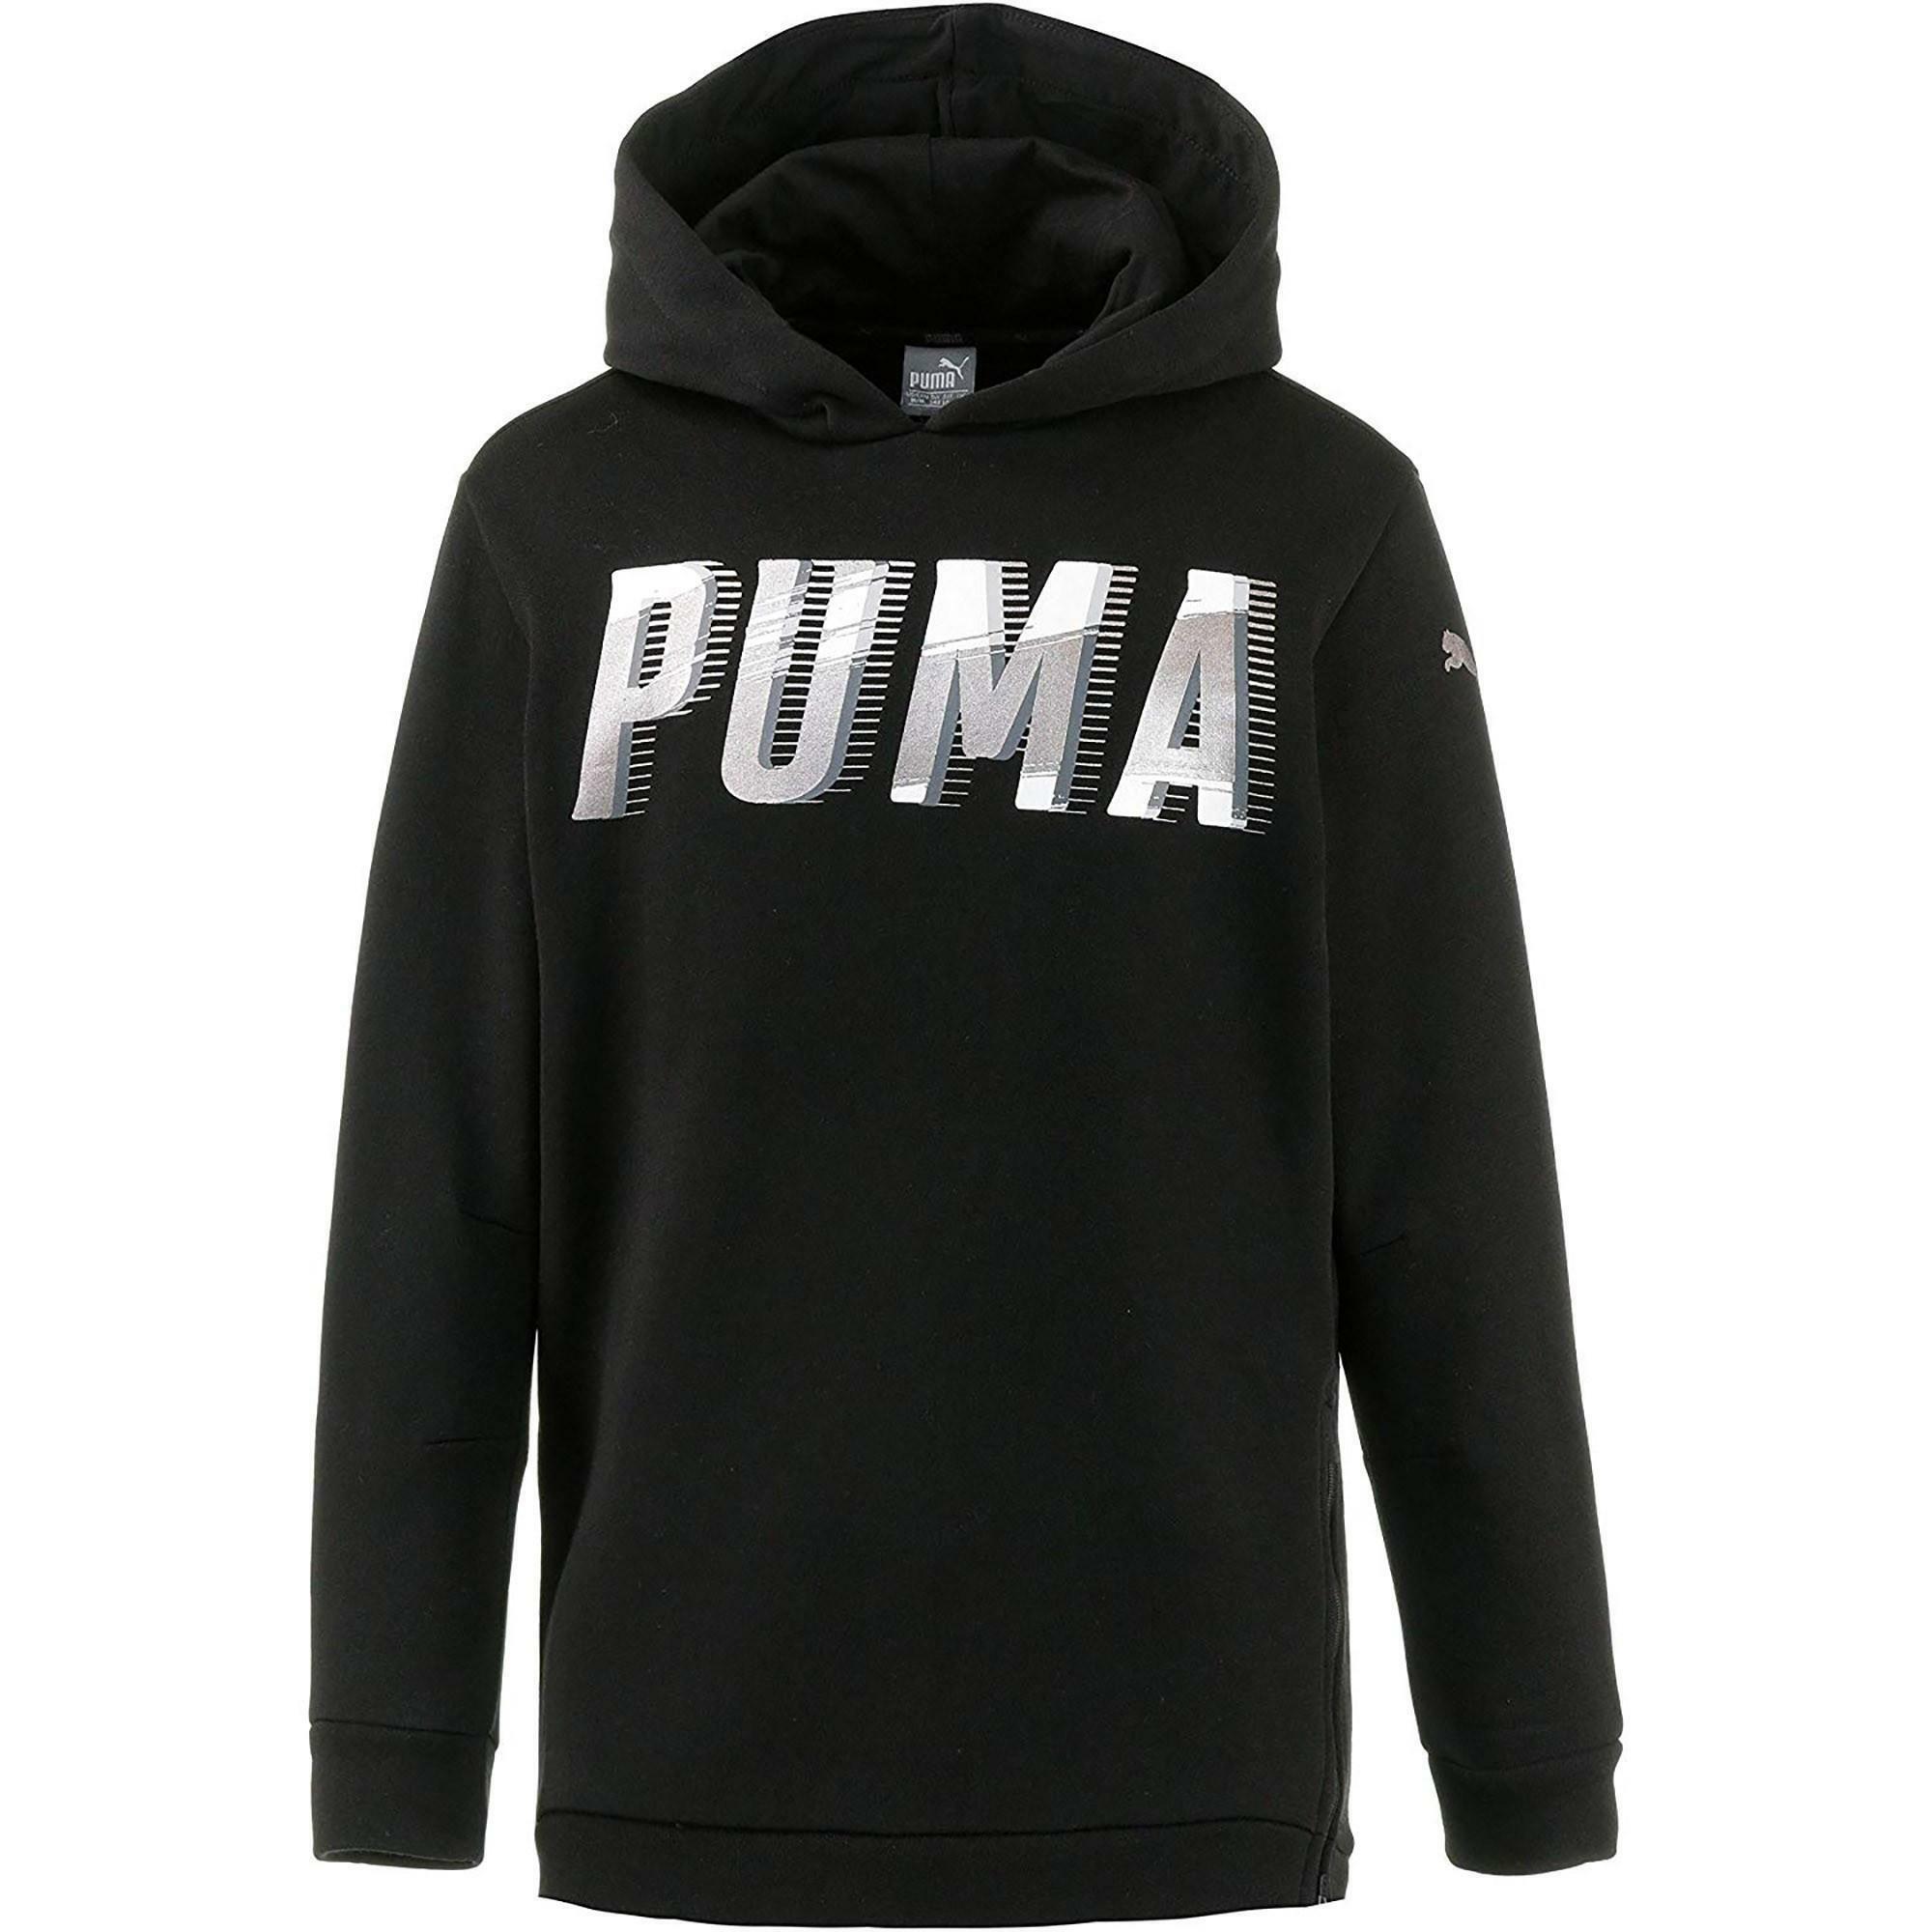 puma style hoody felpa cappuccio bambina nera 85183401